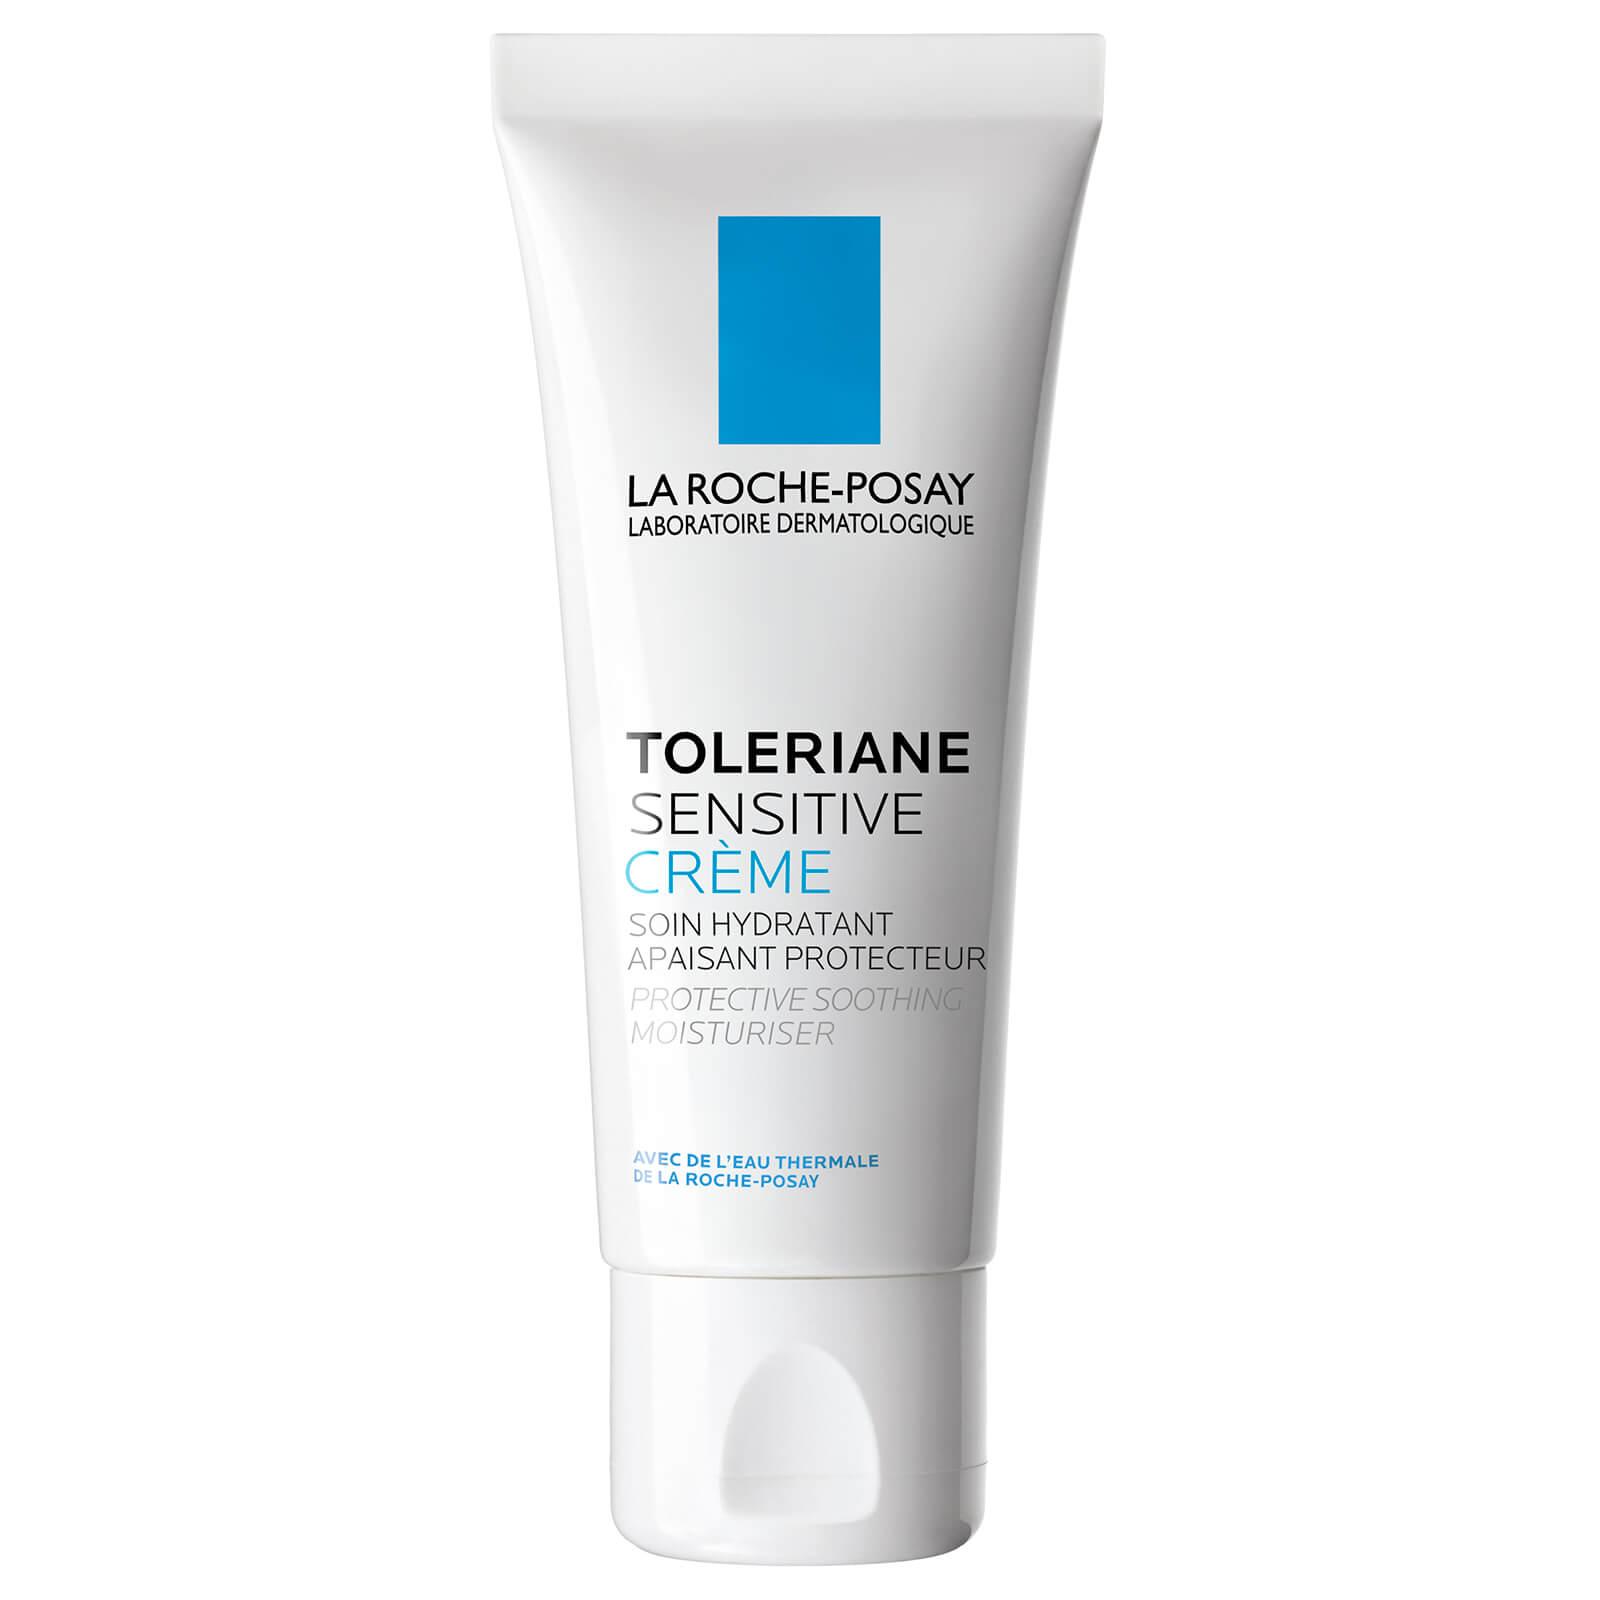 La Roche-Posay Soin Prébiotique Toleriane Sensitive La Roche-Posay 40ml